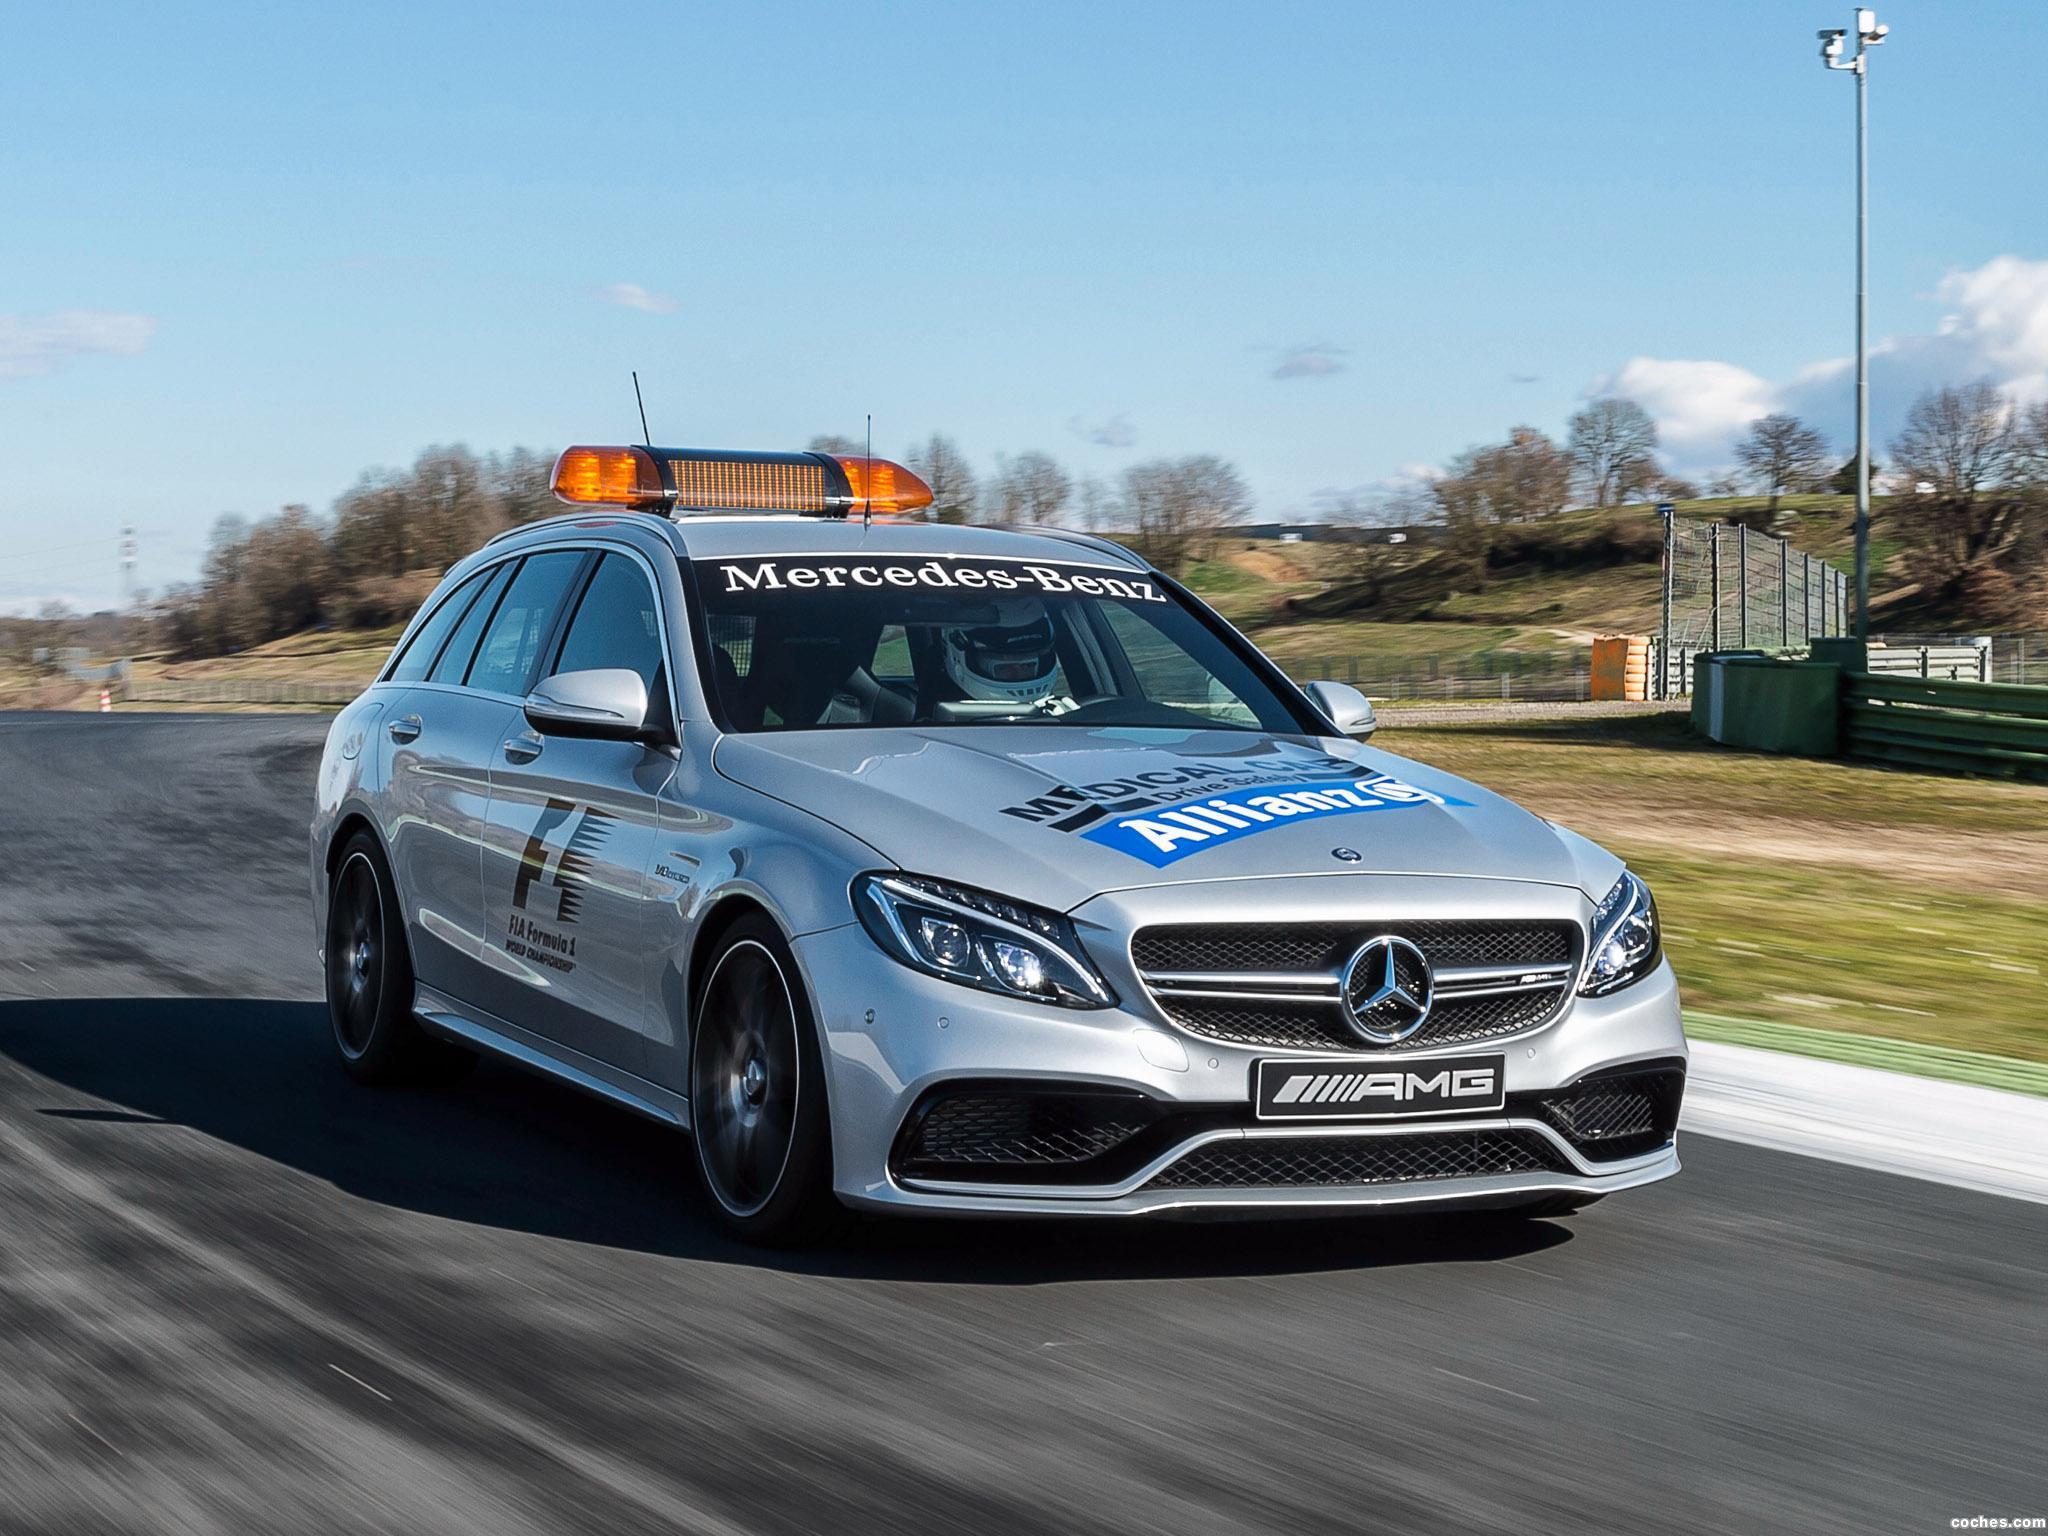 Foto 6 de Mercedes AMG C63 S Estate F1 Medical Car S205 2015